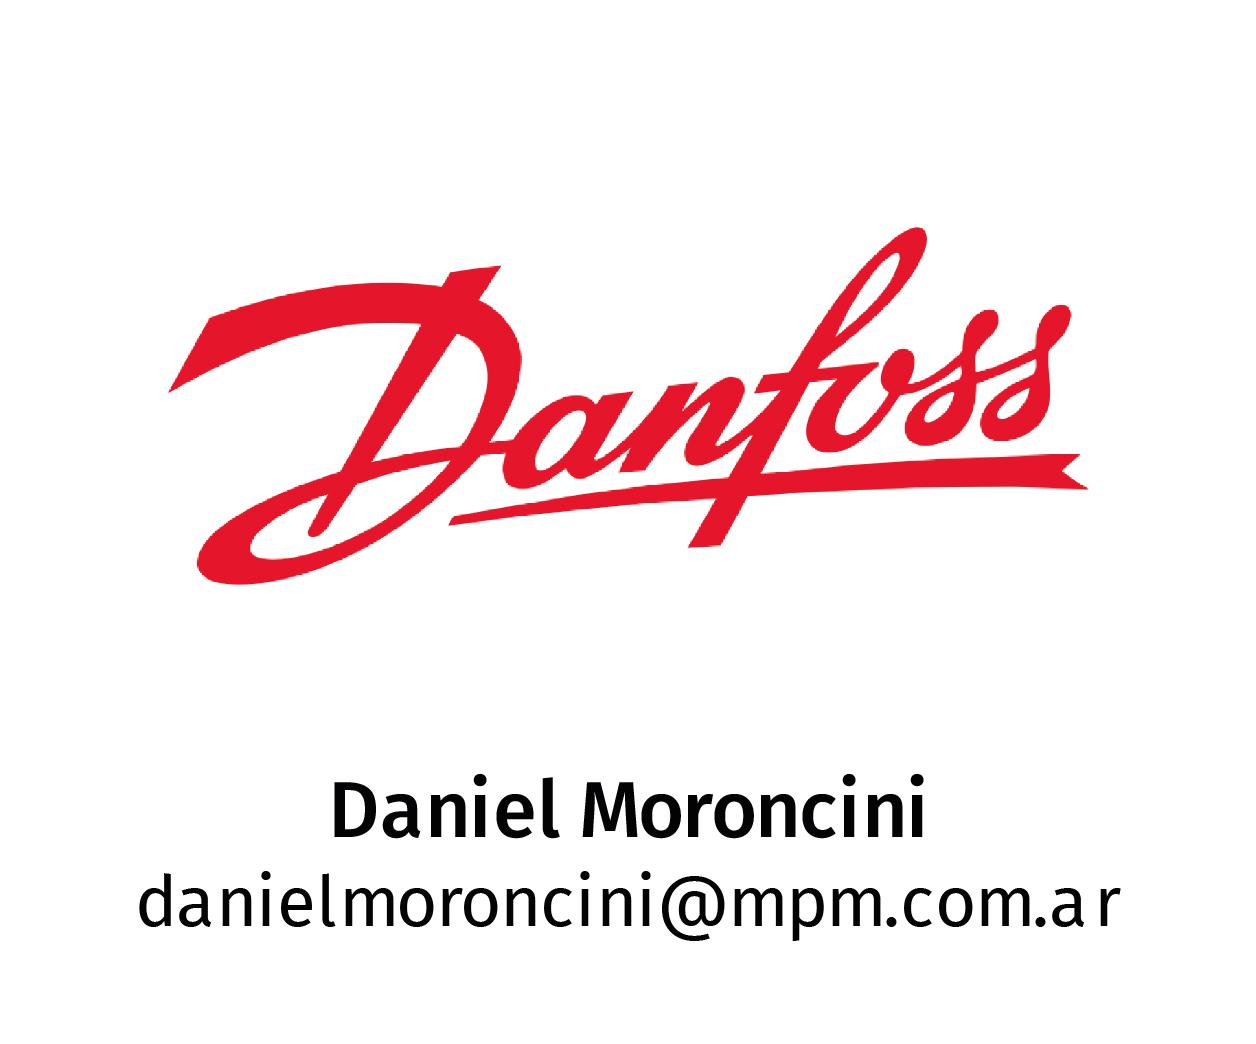 http://profibus.com.ar/wp-content/uploads/2017/03/logos_datos_sponsor-23.jpg